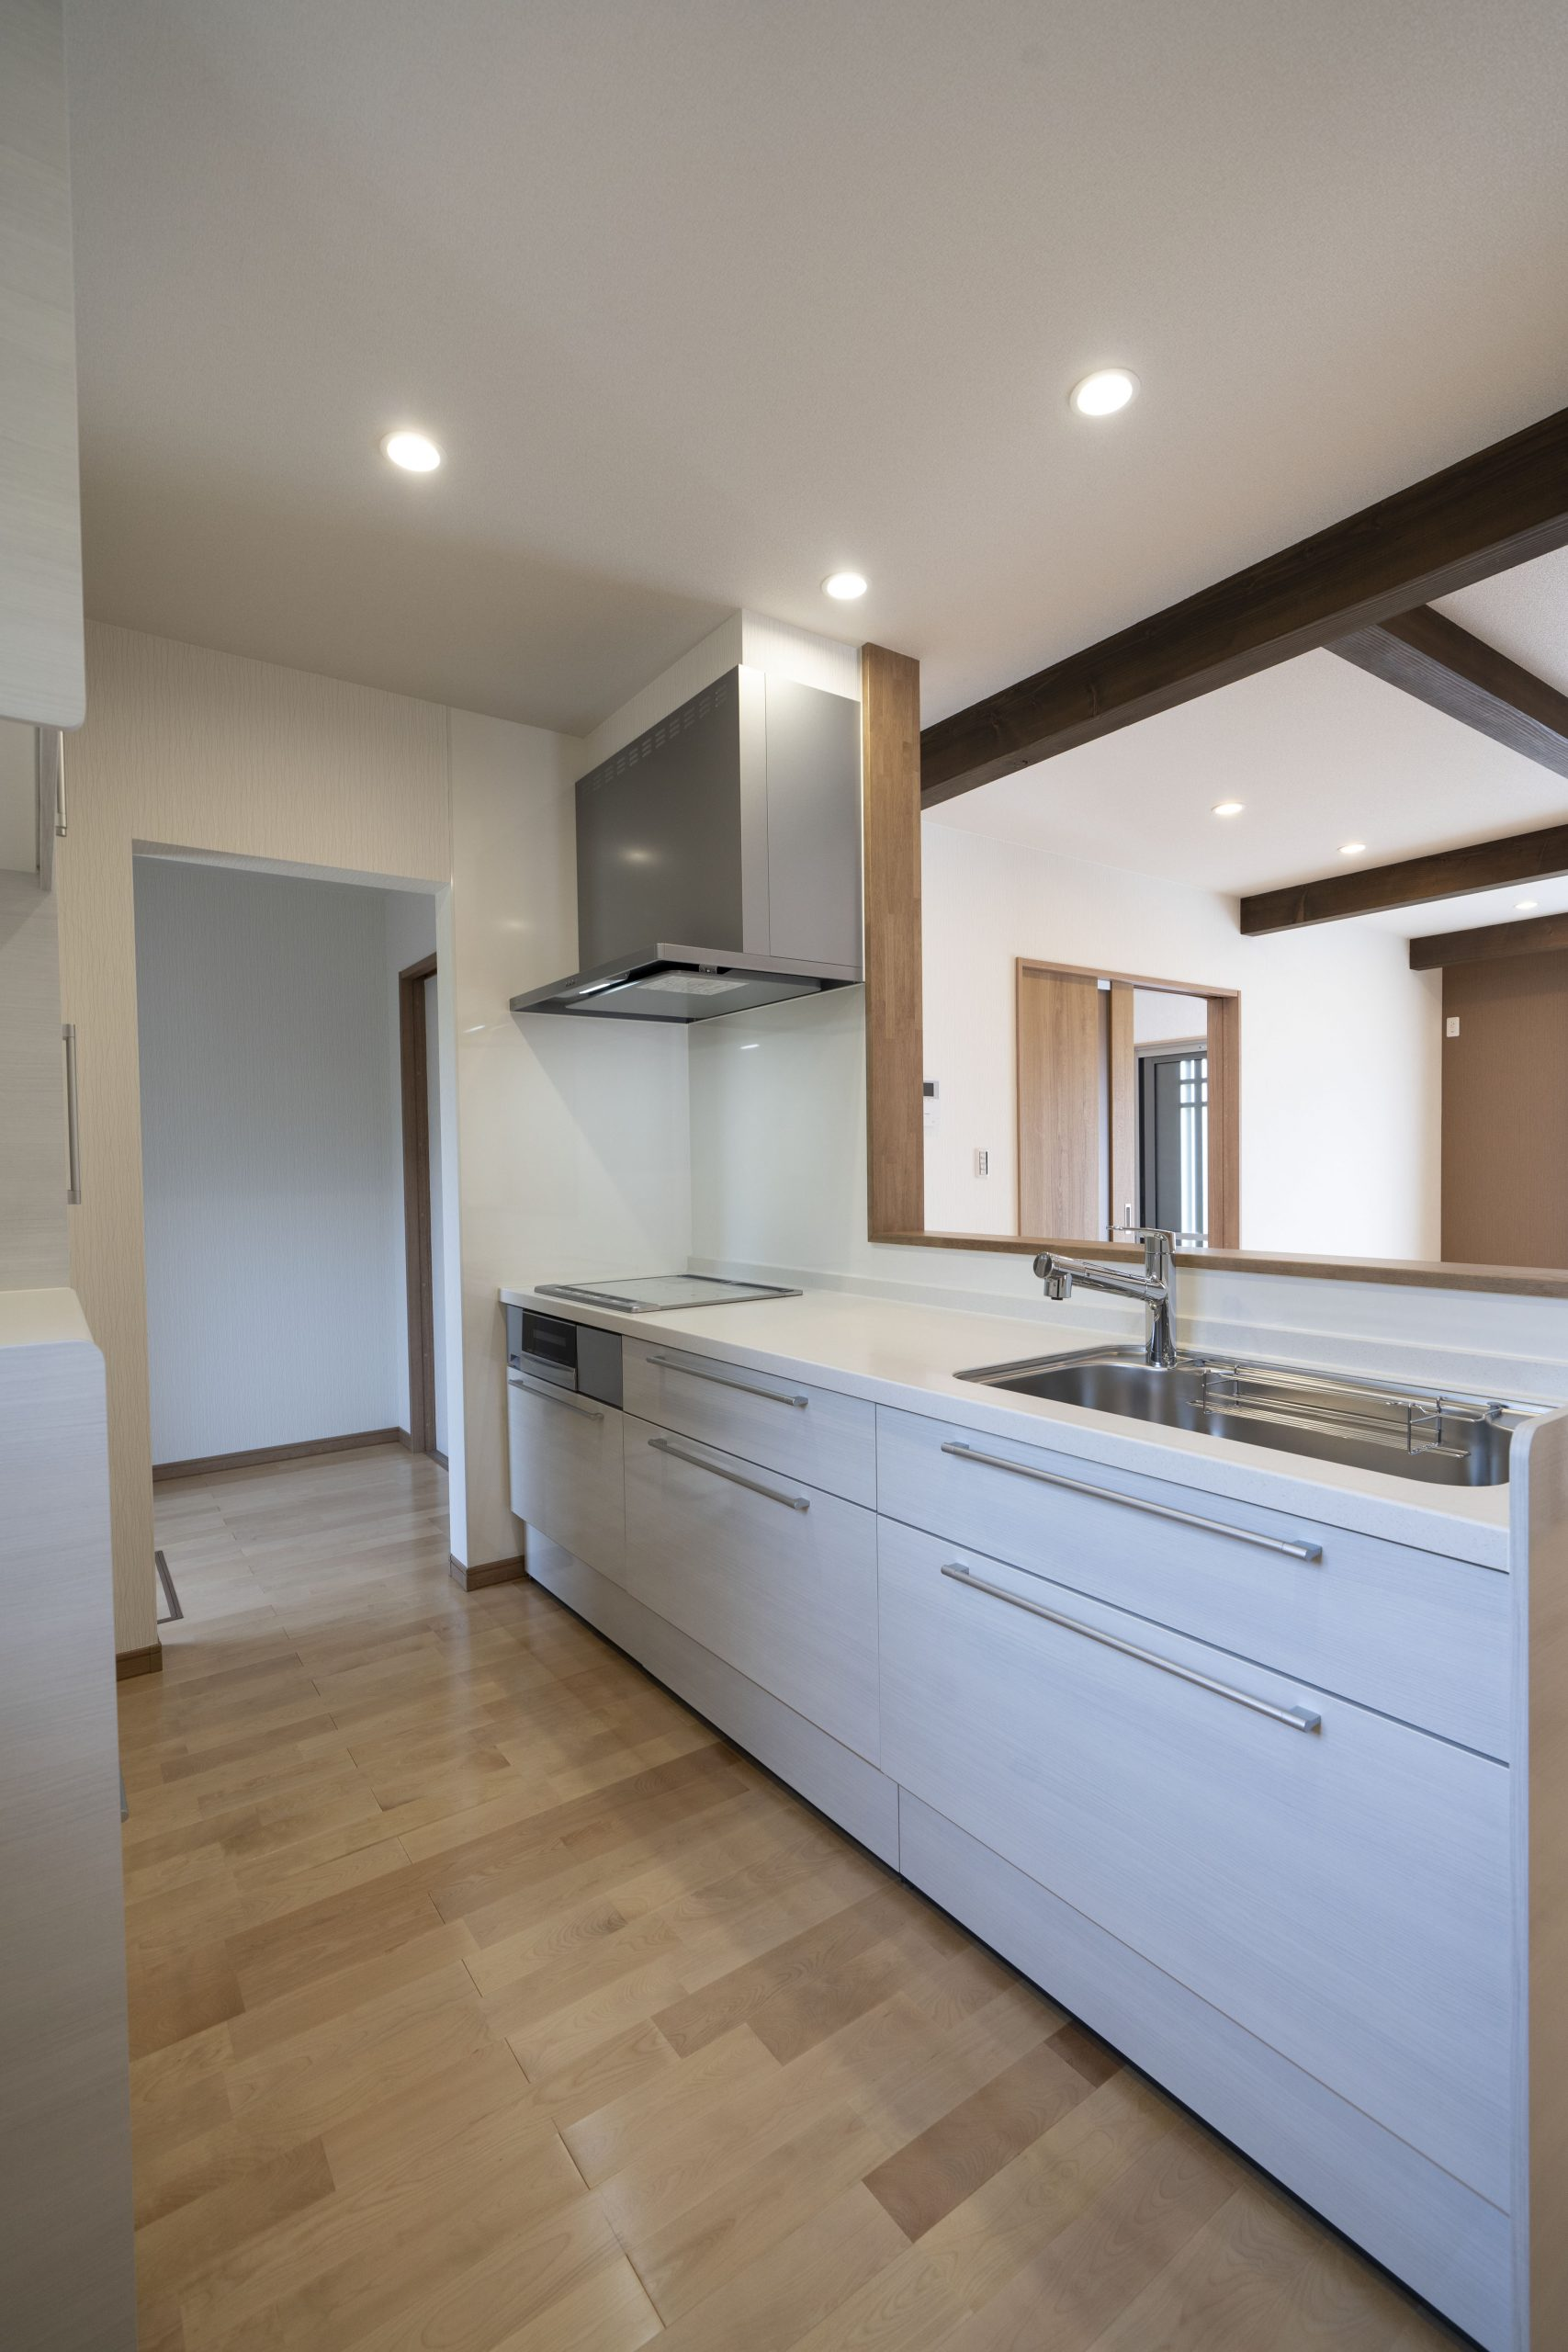 3LDKの平屋のキッチンの建築実例